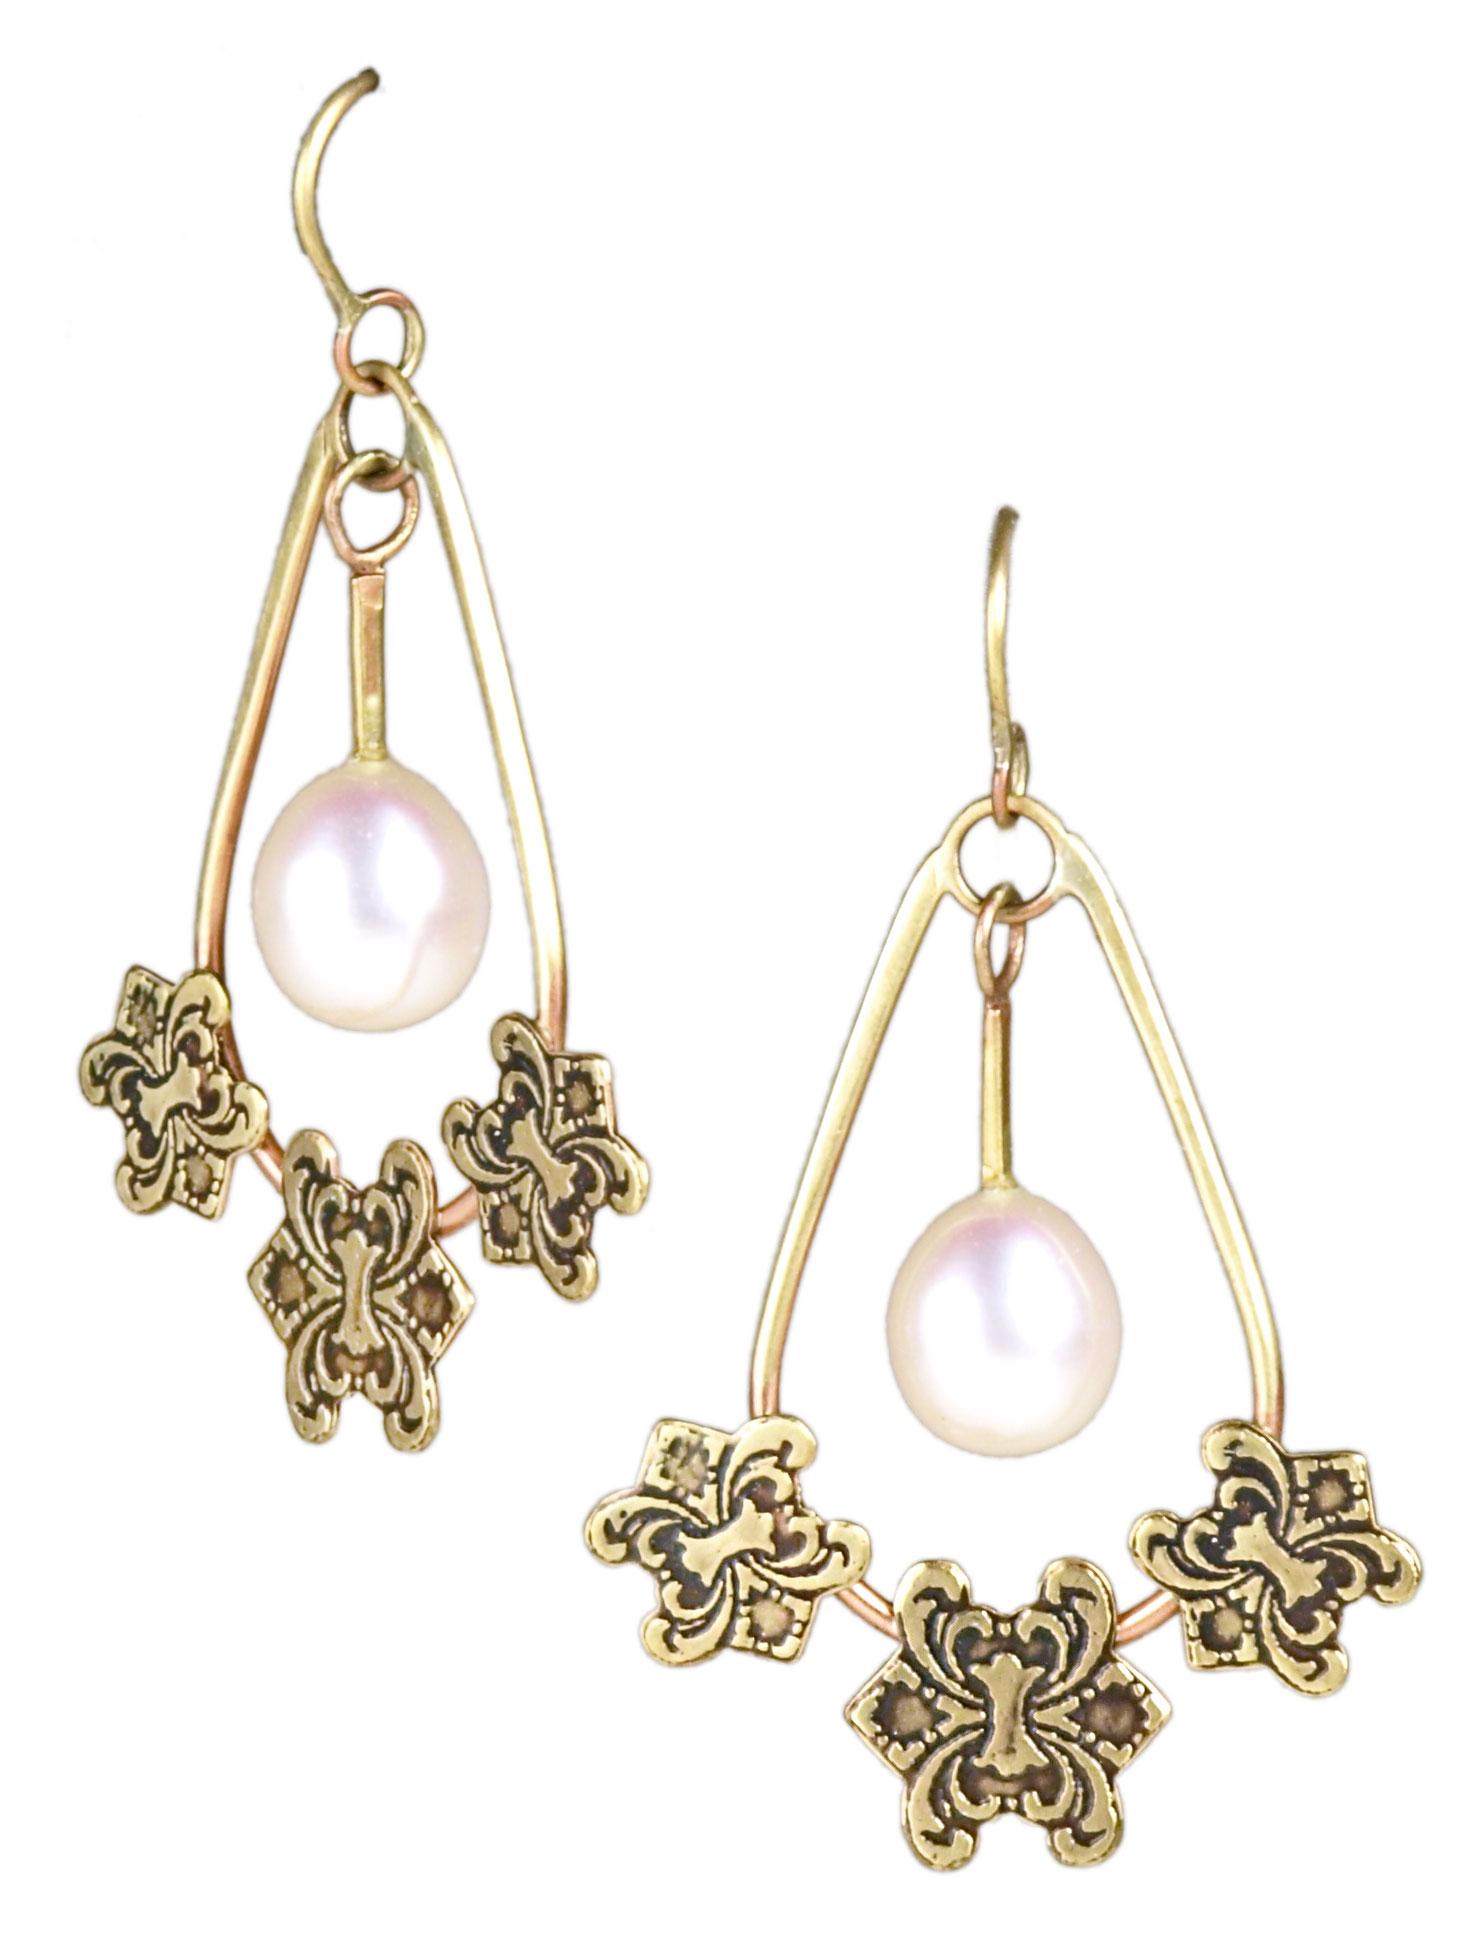 Seelie Earrings